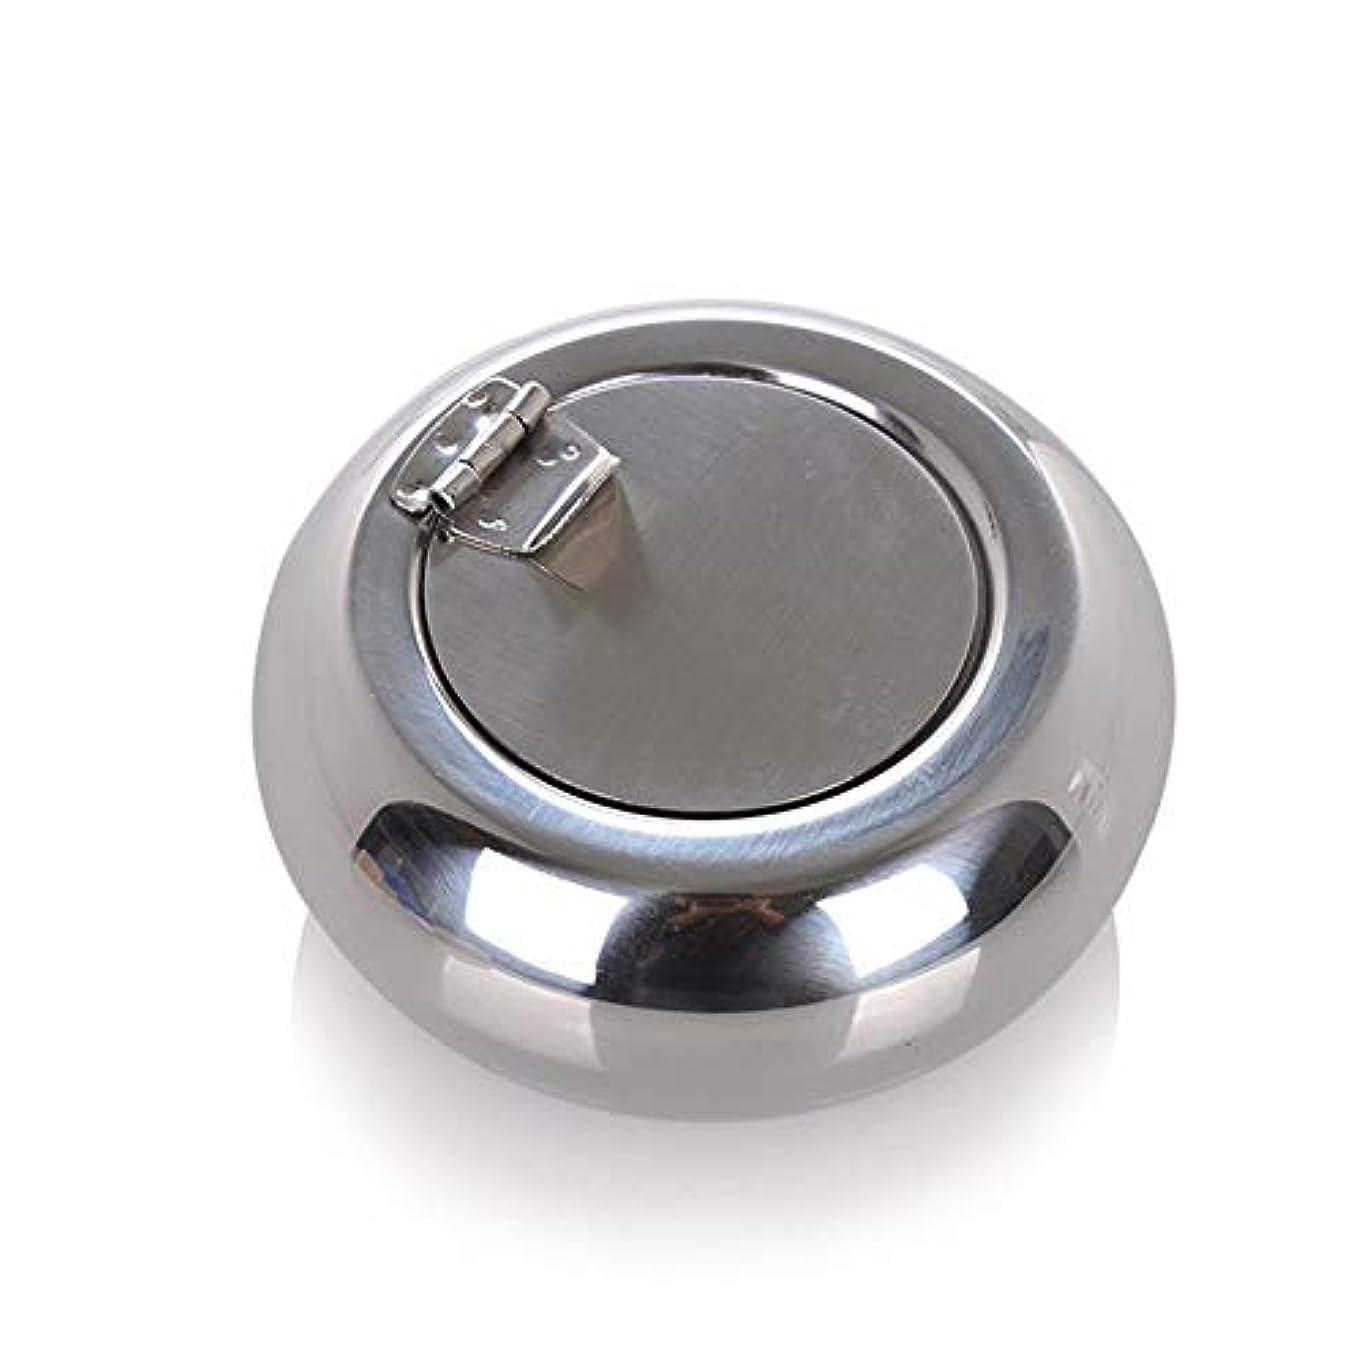 お別れ週末食料品店ドラム型のステンレス鋼の灰皿防風カバーヨーロッパの灰皿の人格トレンド金属煤創造的な家、高品質のステンレス鋼、防風カバー灰皿ゴールドブラック色 (色 : 銀, Size : S)